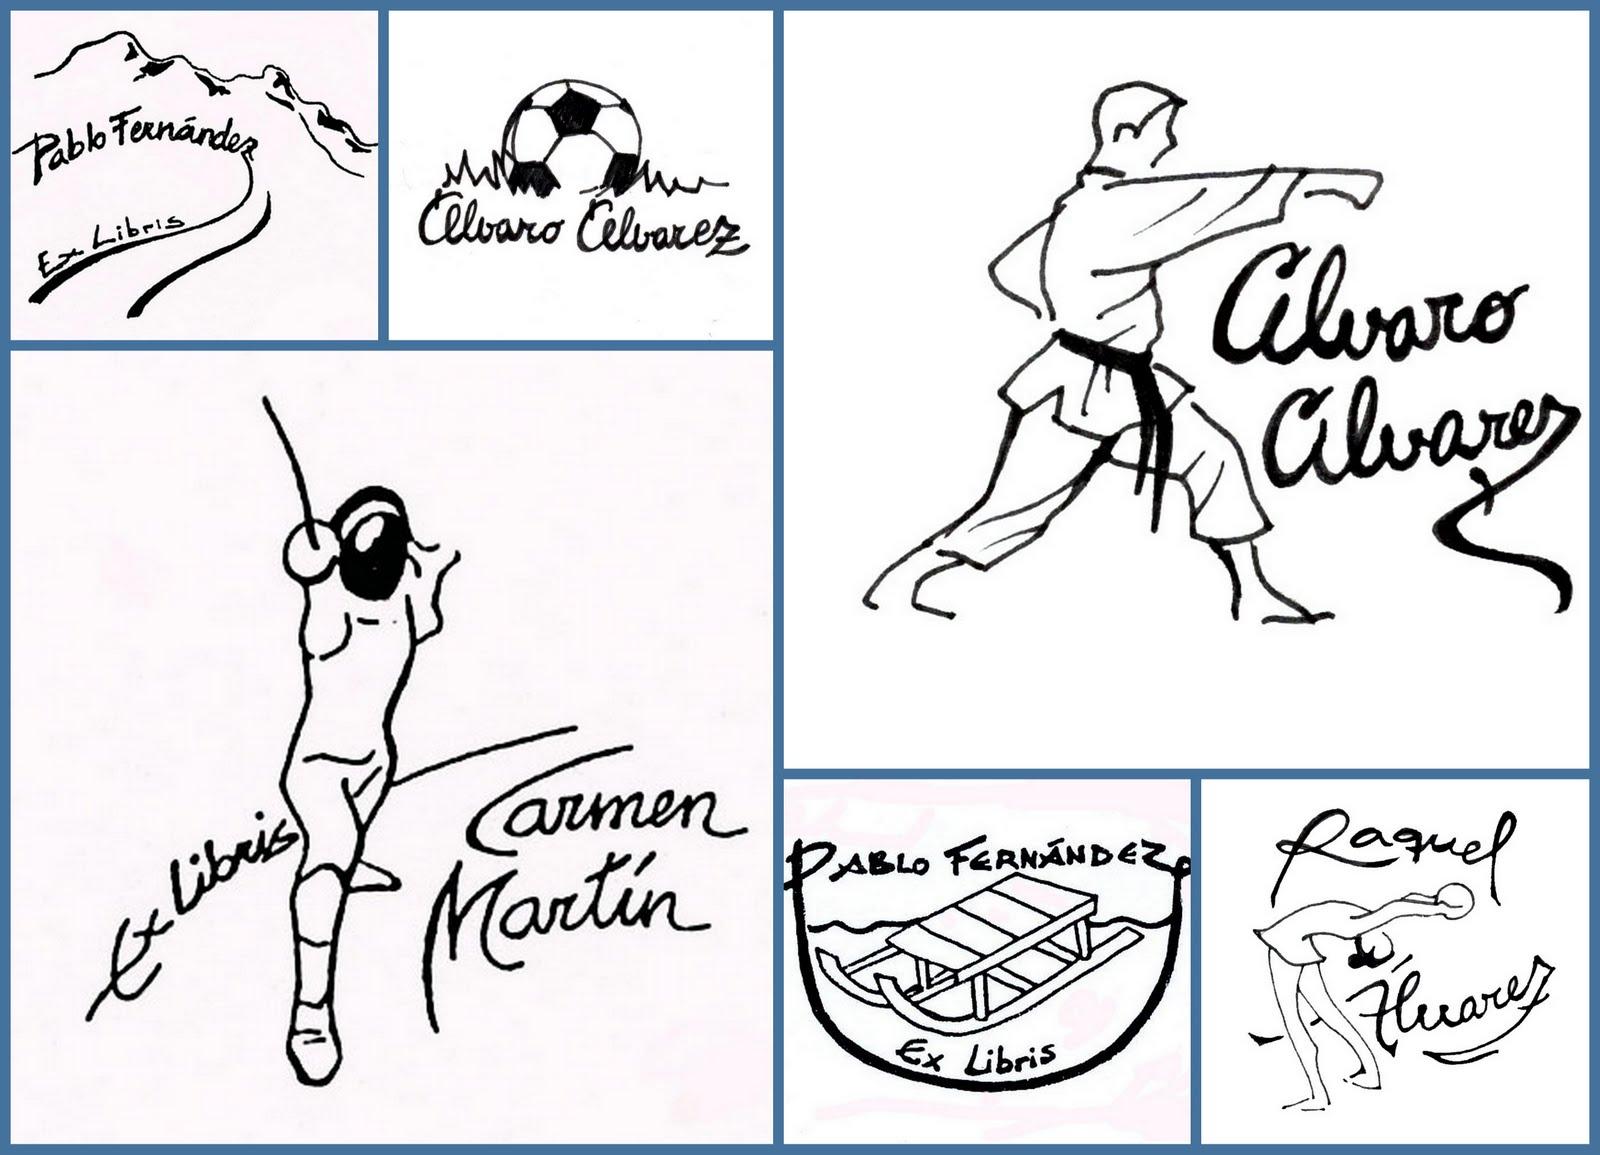 El taller de pepa ex libris para deportistas - Ex libris personalizados ...